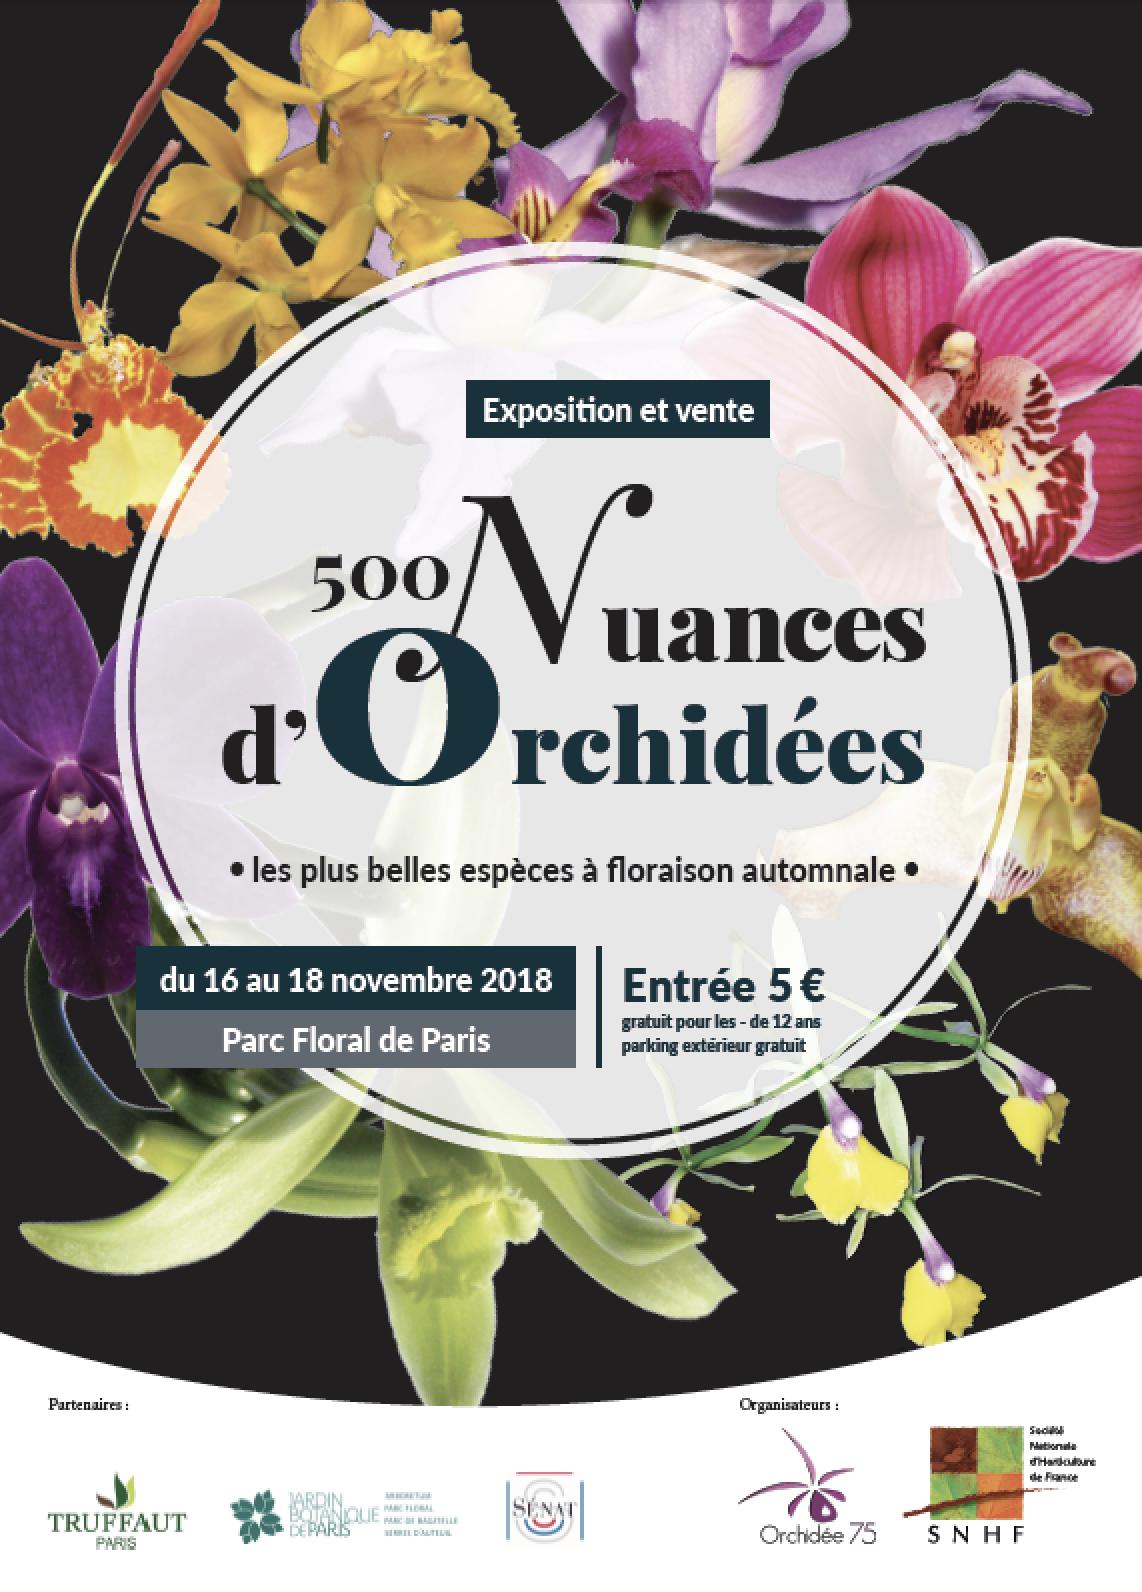 Exposition VIncennes 2018